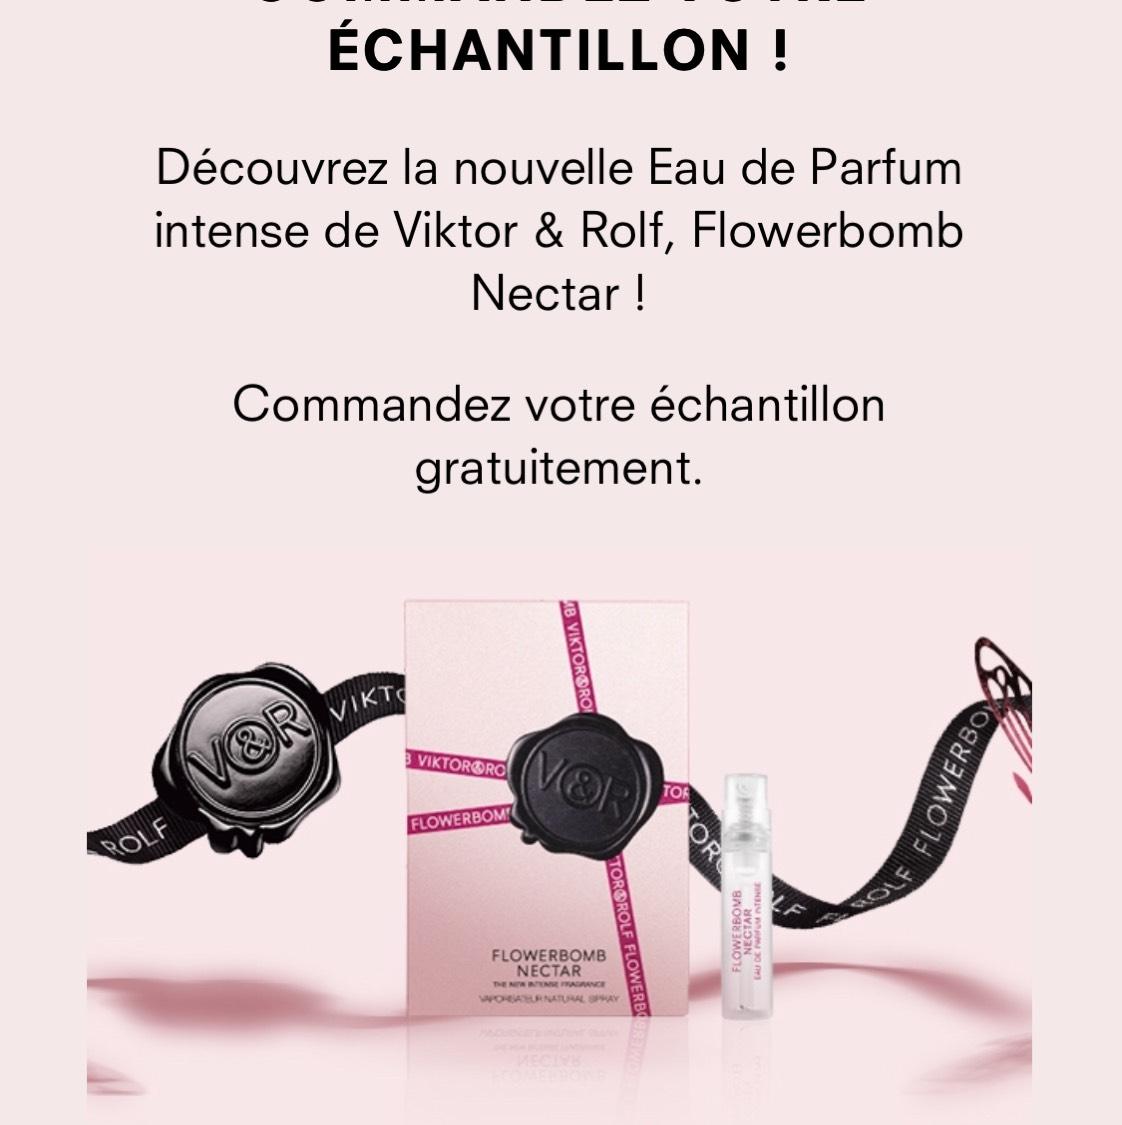 chantillon gratuit d 39 eau de parfum viktor rolf flowerbomb. Black Bedroom Furniture Sets. Home Design Ideas